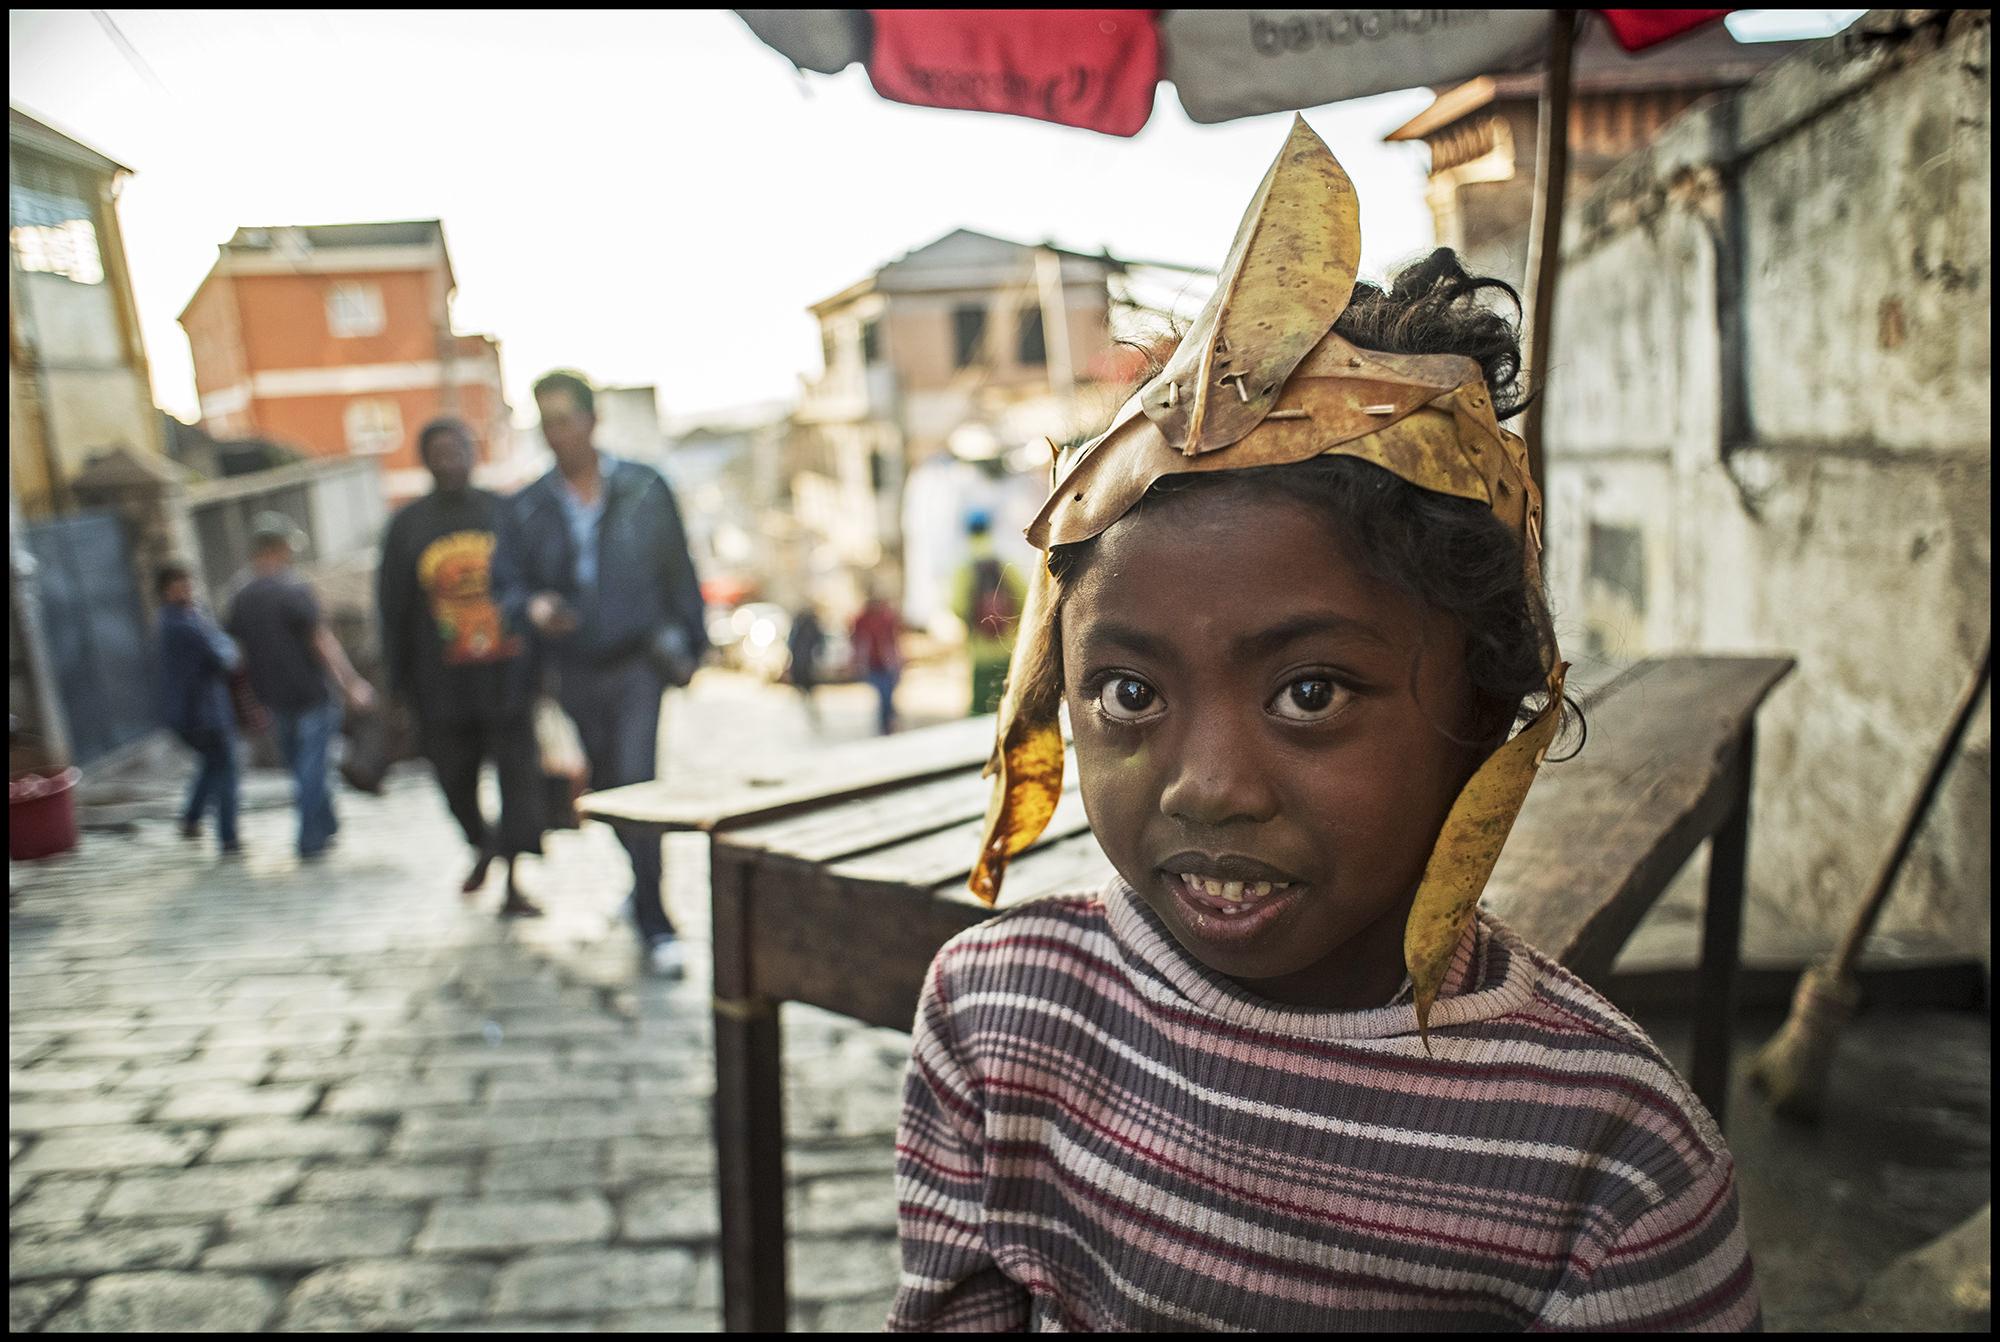 Digital Patrik Wallner Antananarivo Leaf Hat LOWQ 2000P